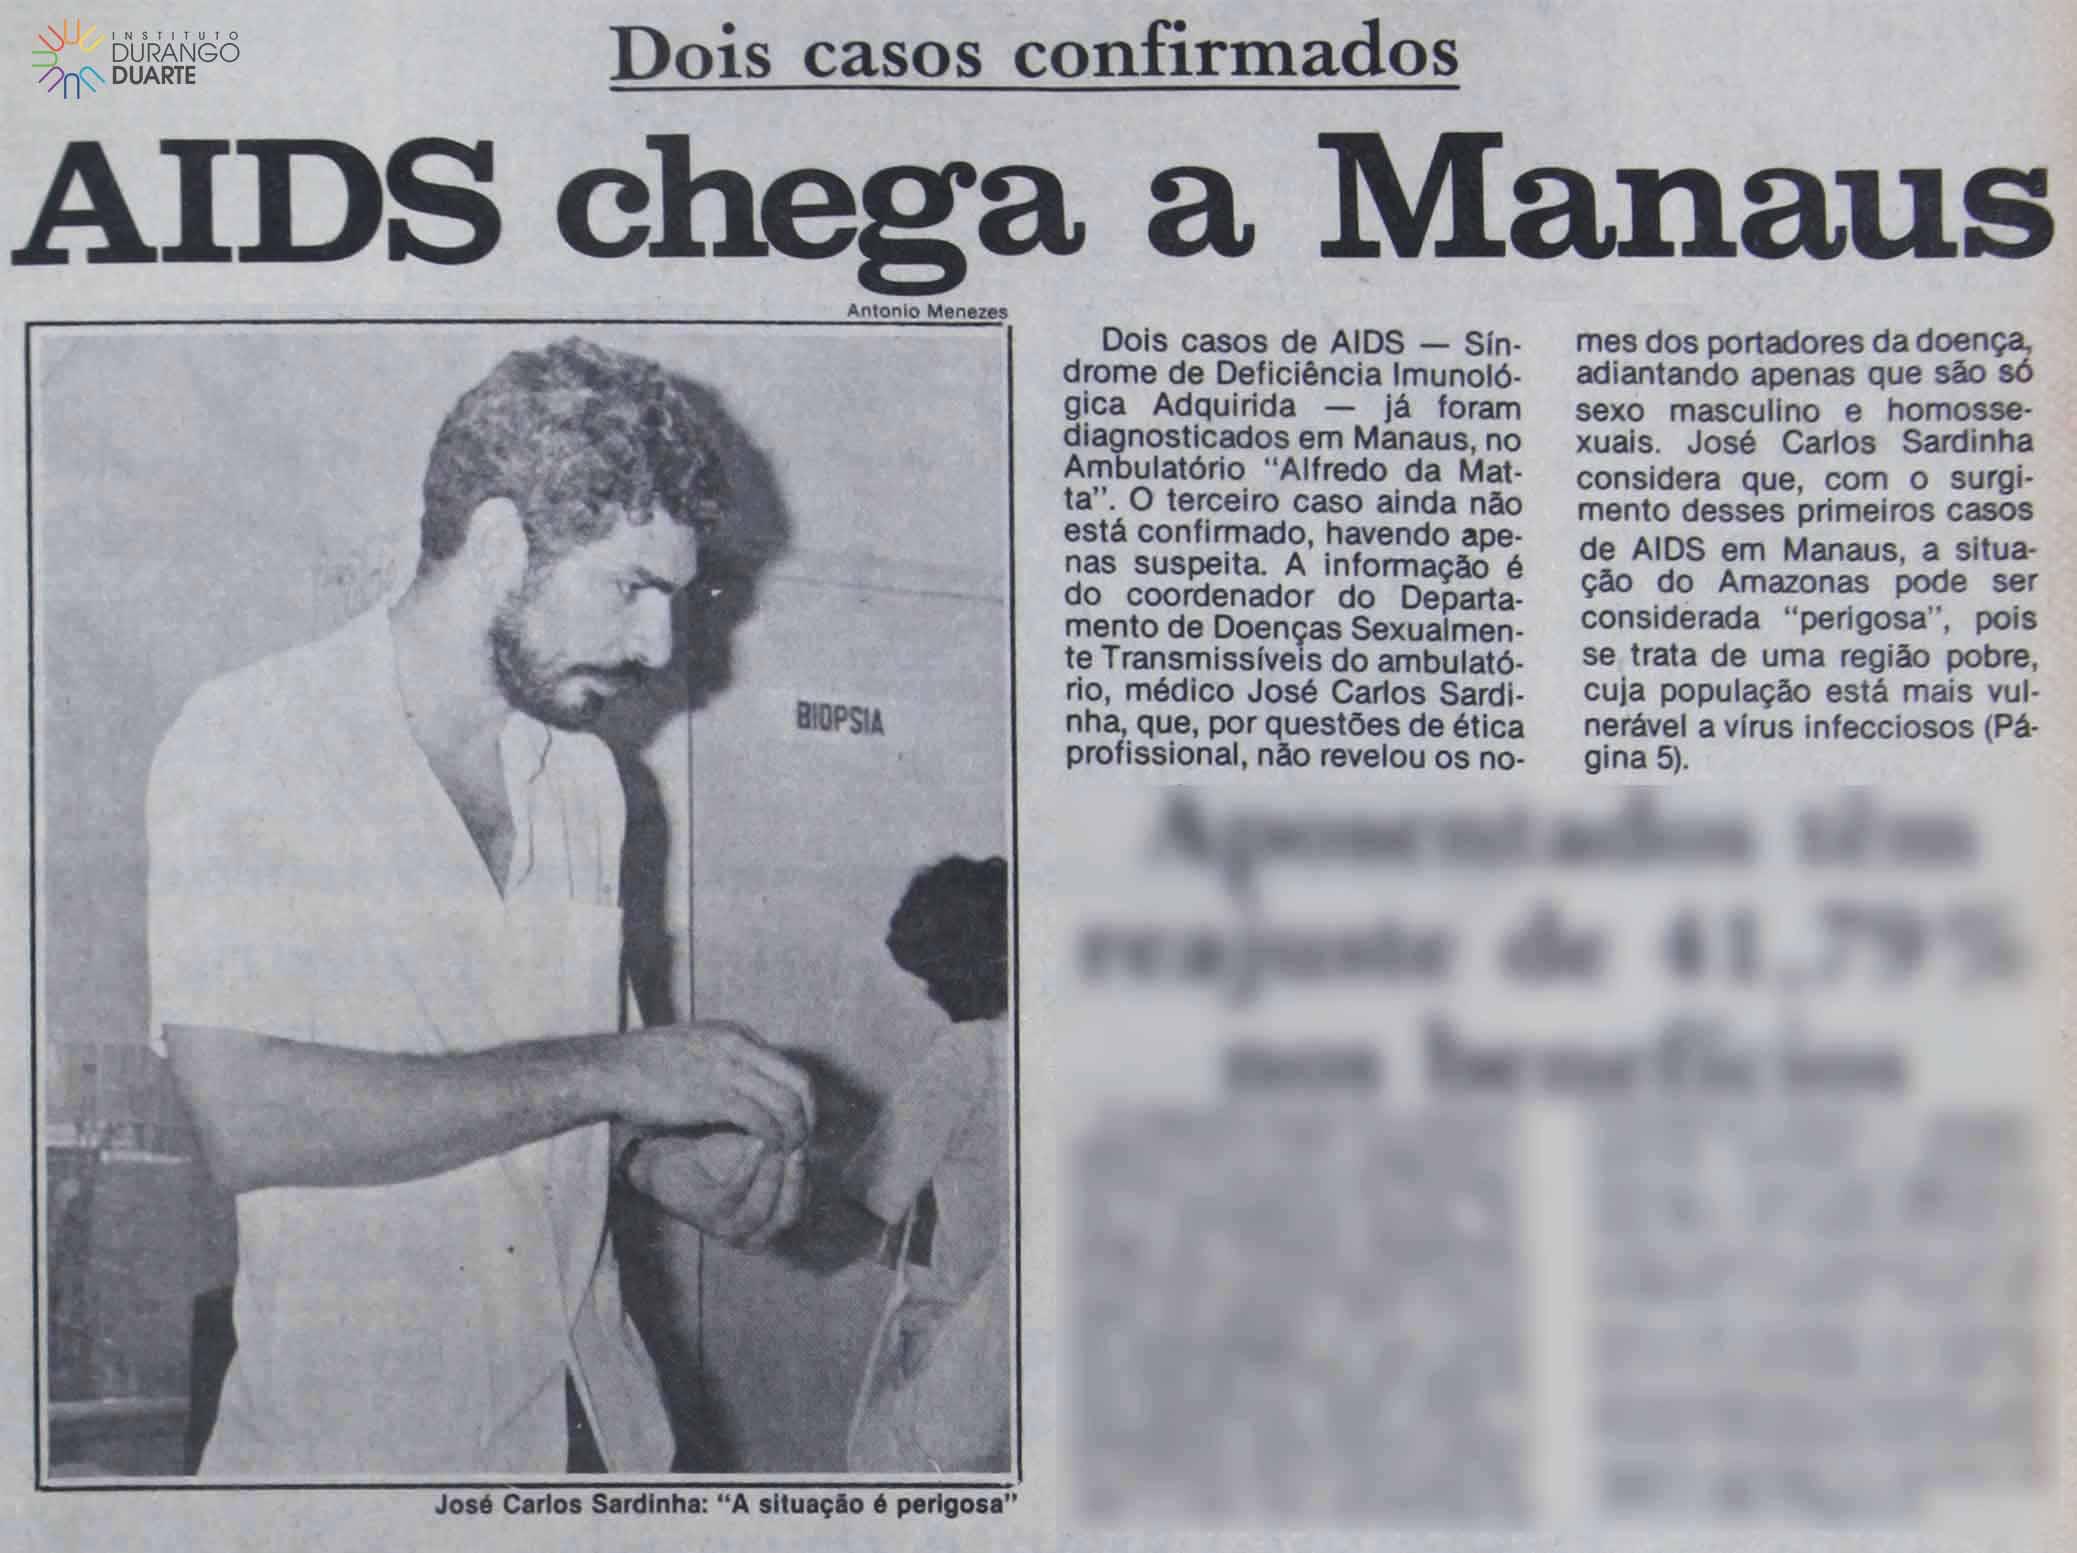 Primeiros Dois Casos de AIDS Confirmados em Manaus